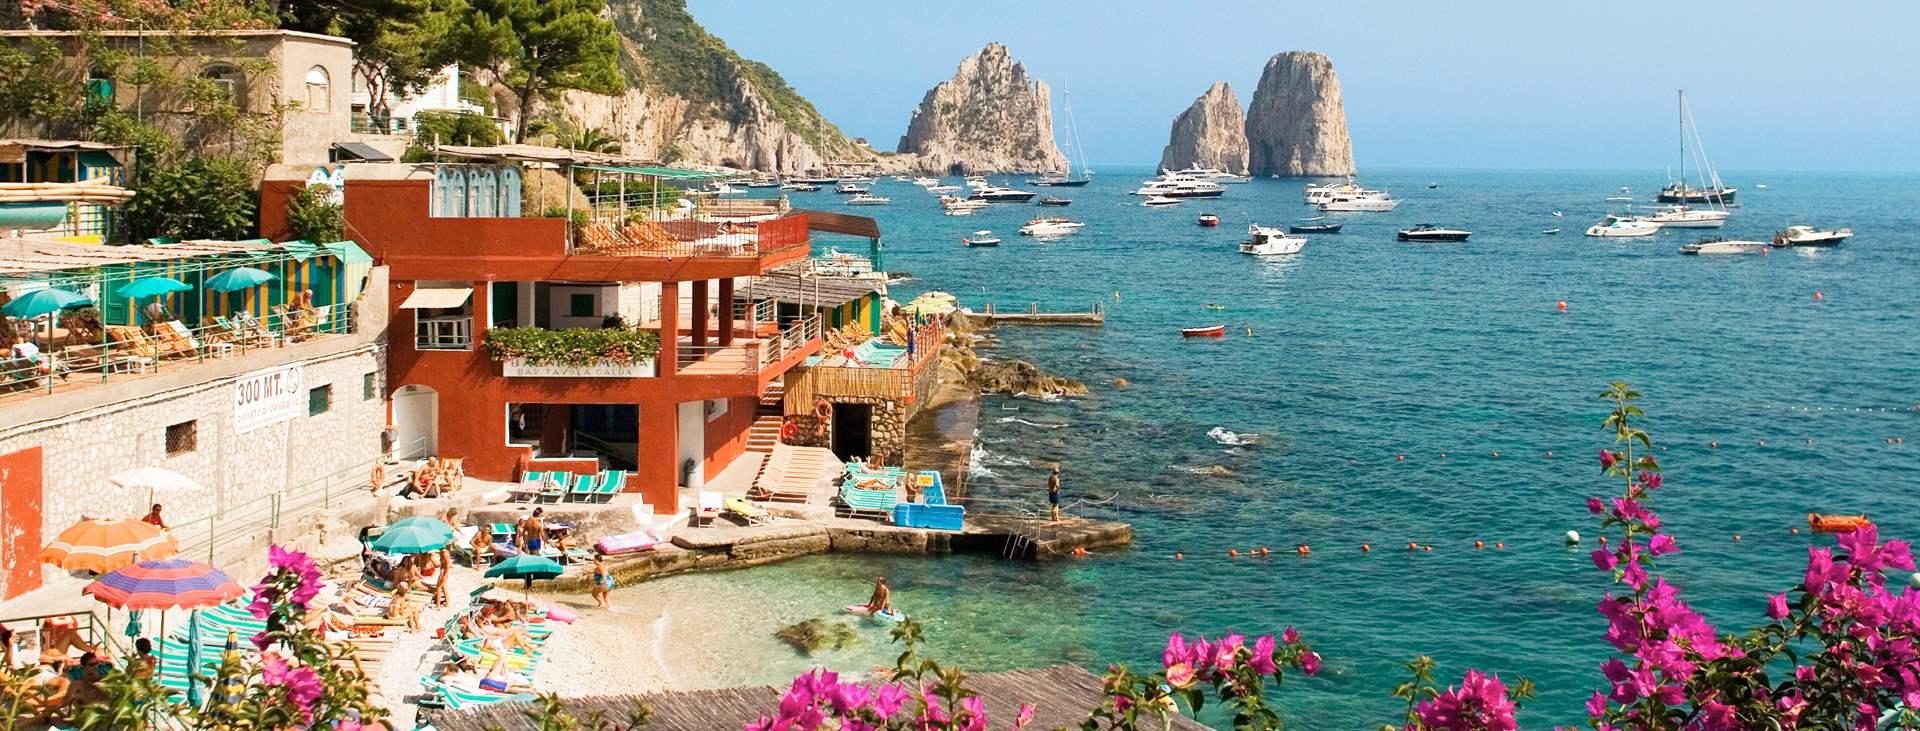 Boka din resa till Capri i Italien med Ving